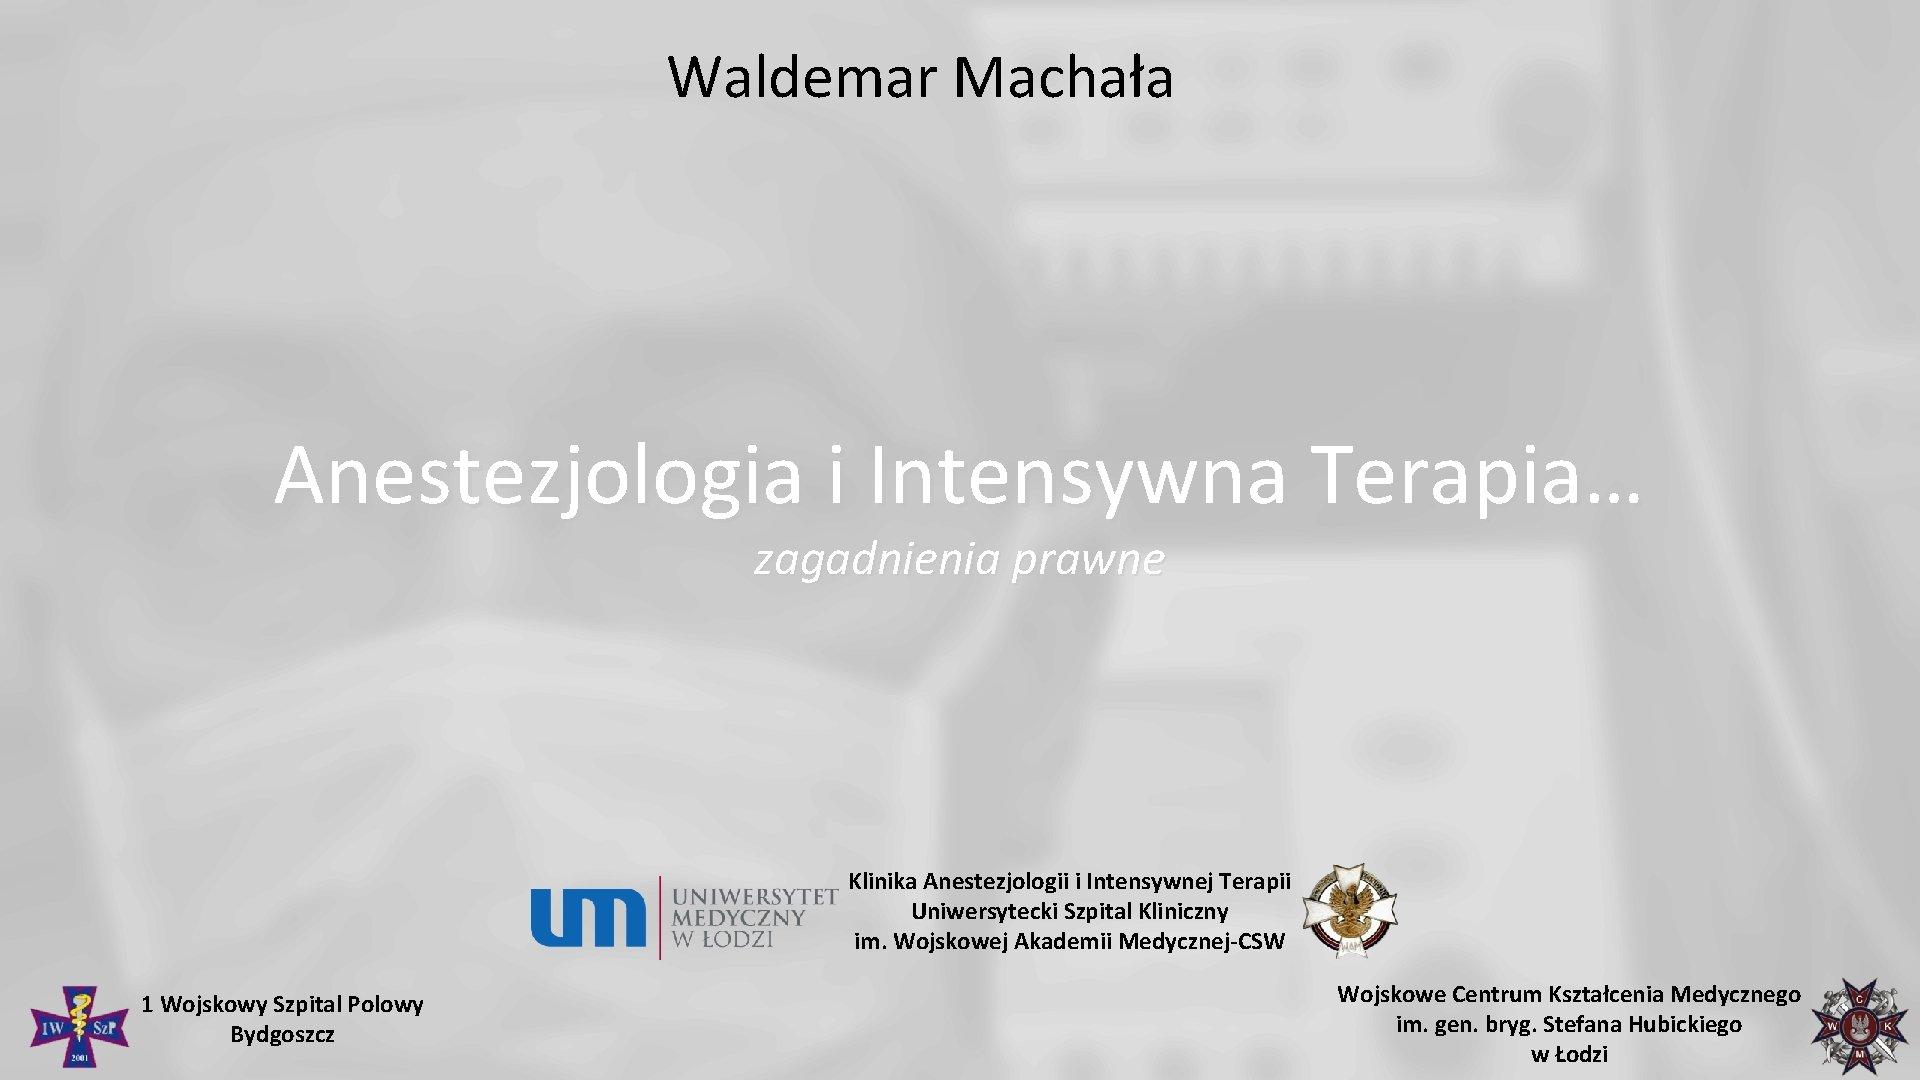 Waldemar Machała Anestezjologia i Intensywna Terapia… zagadnienia prawne Klinika Anestezjologii i Intensywnej Terapii Uniwersytecki